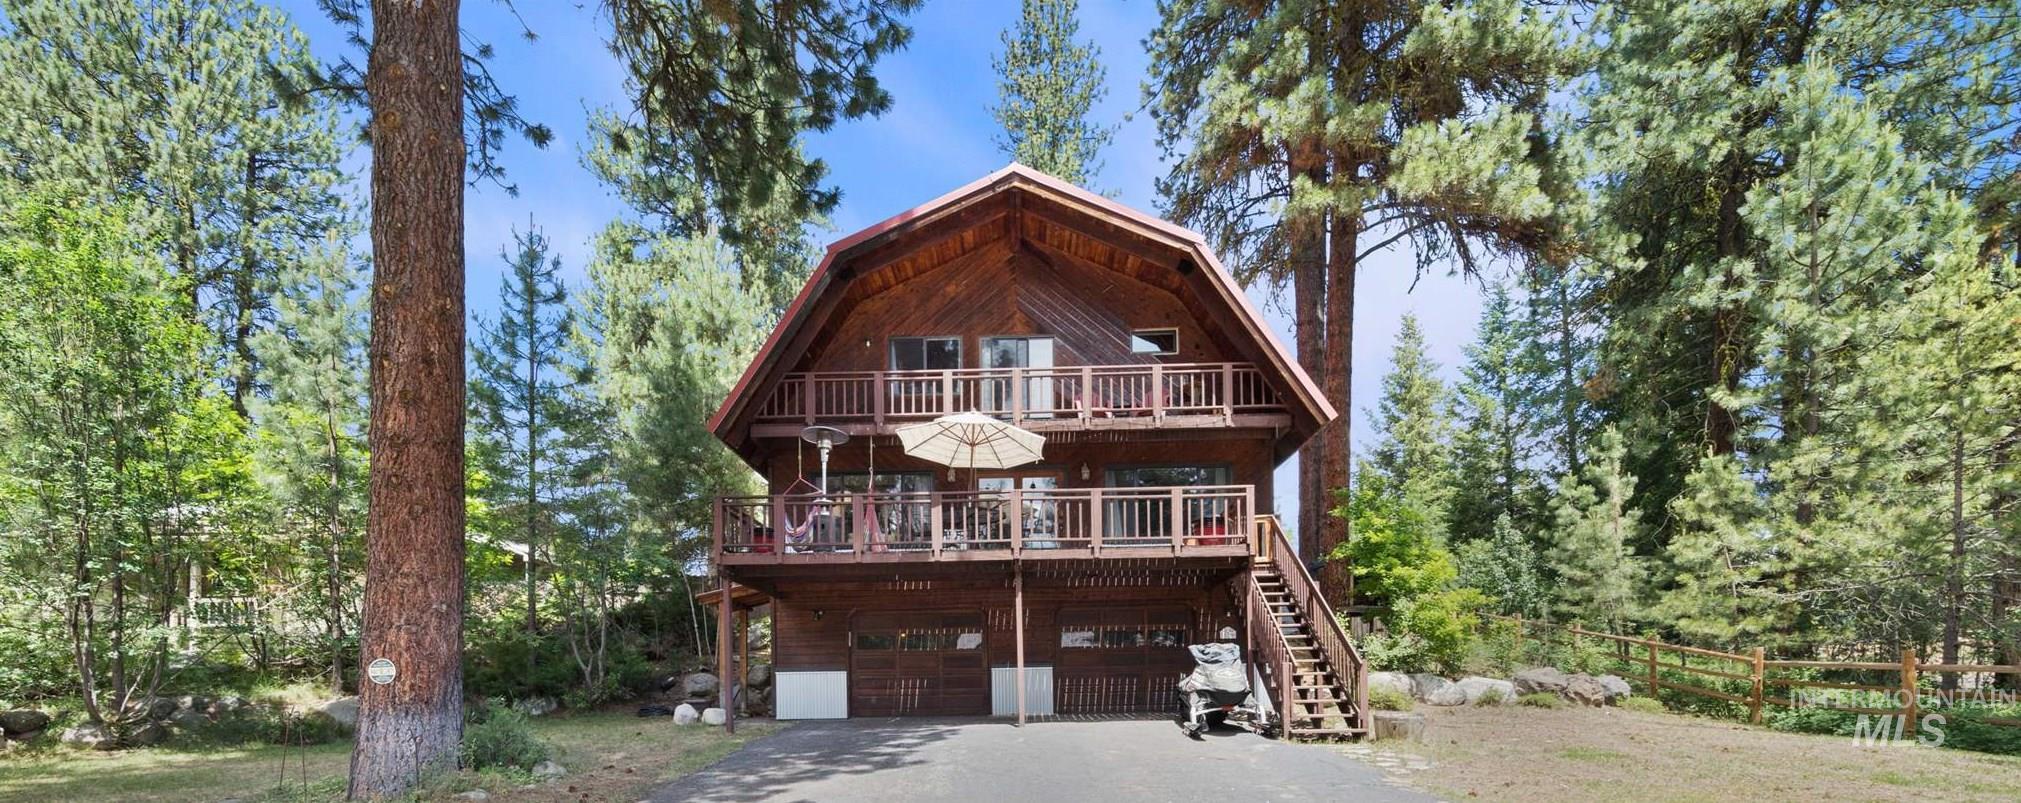 507 Timm Property Photo